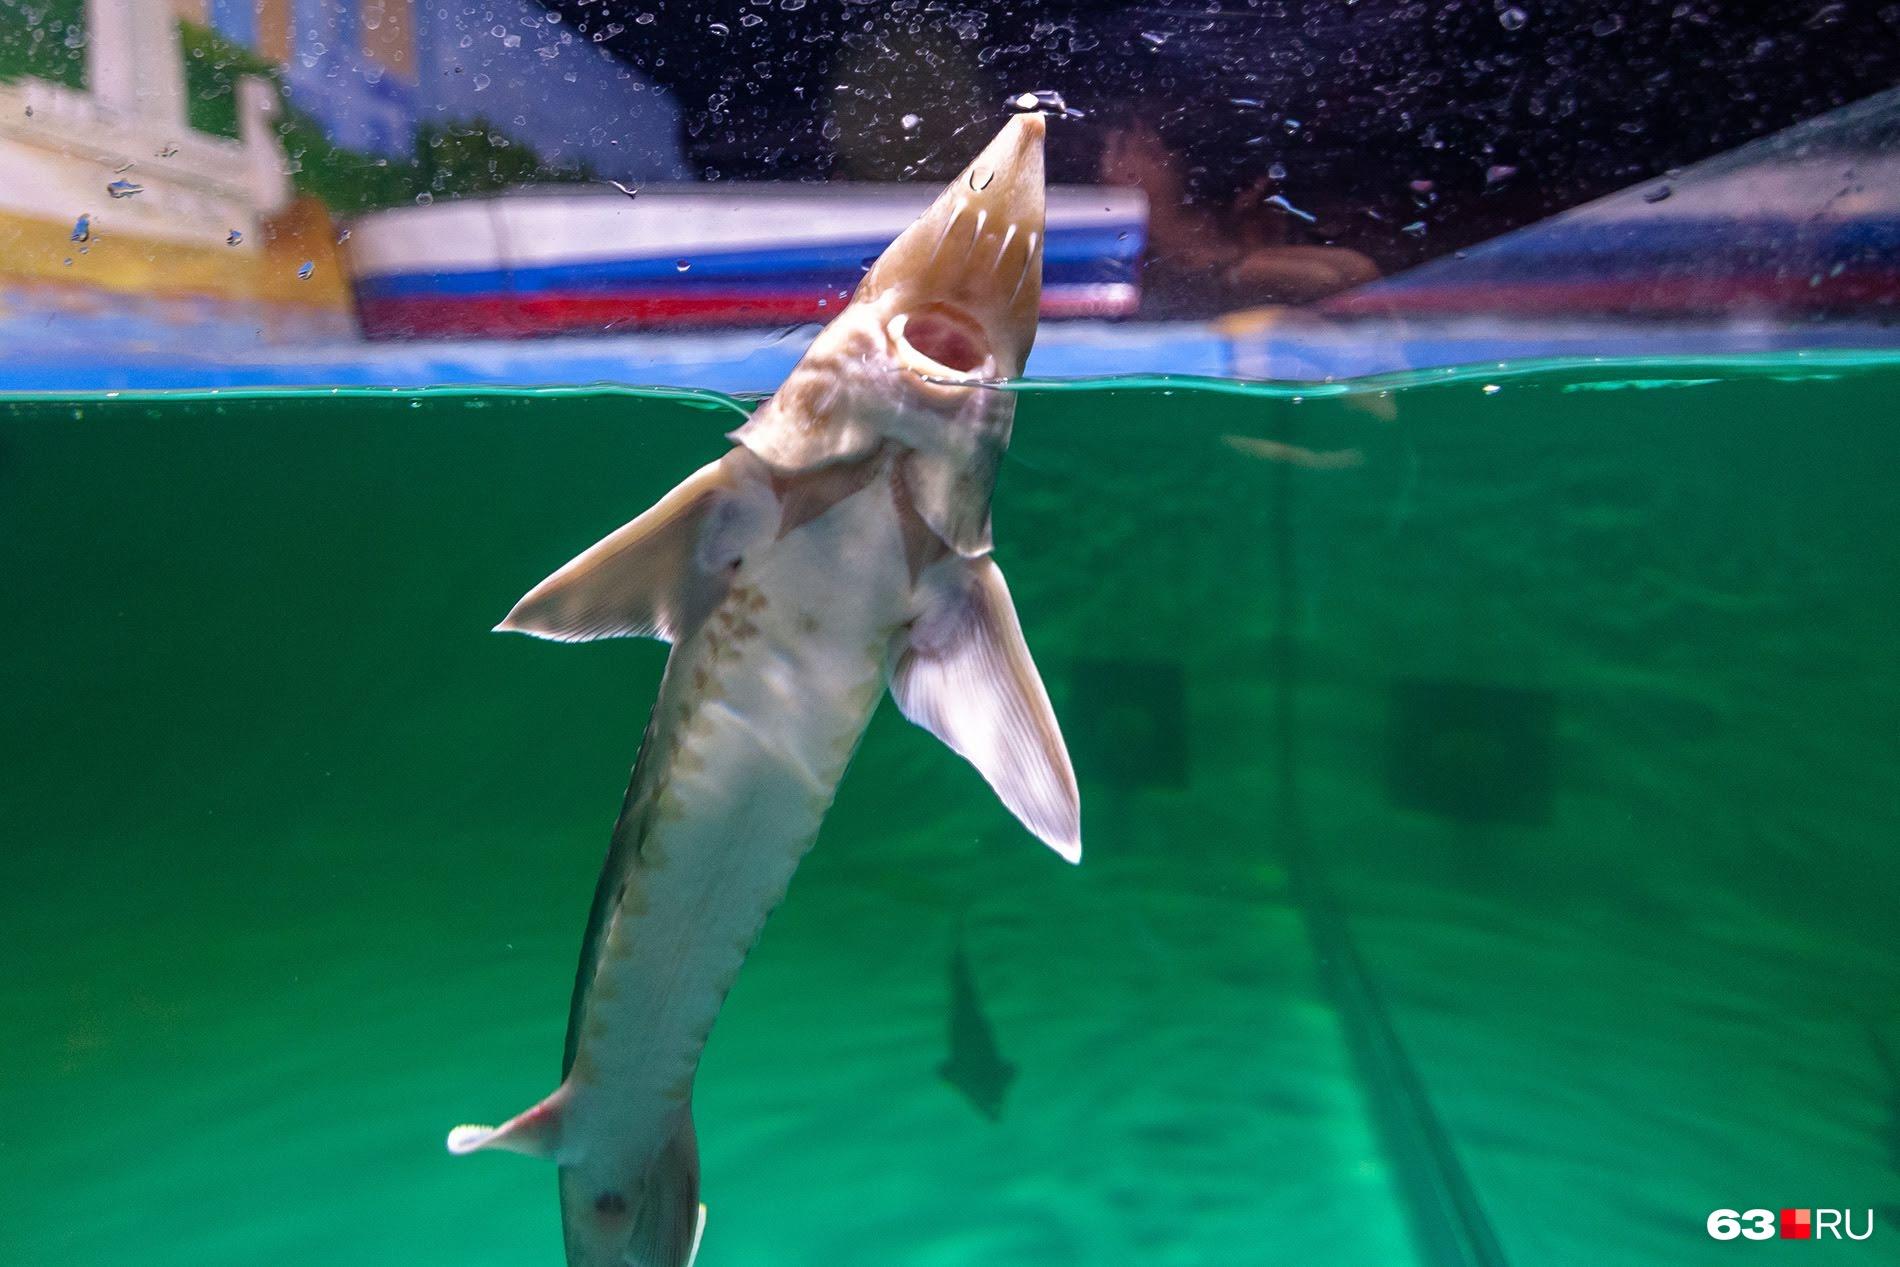 Кроме обитателей океанов, в аквариумах живут и речные рыбы